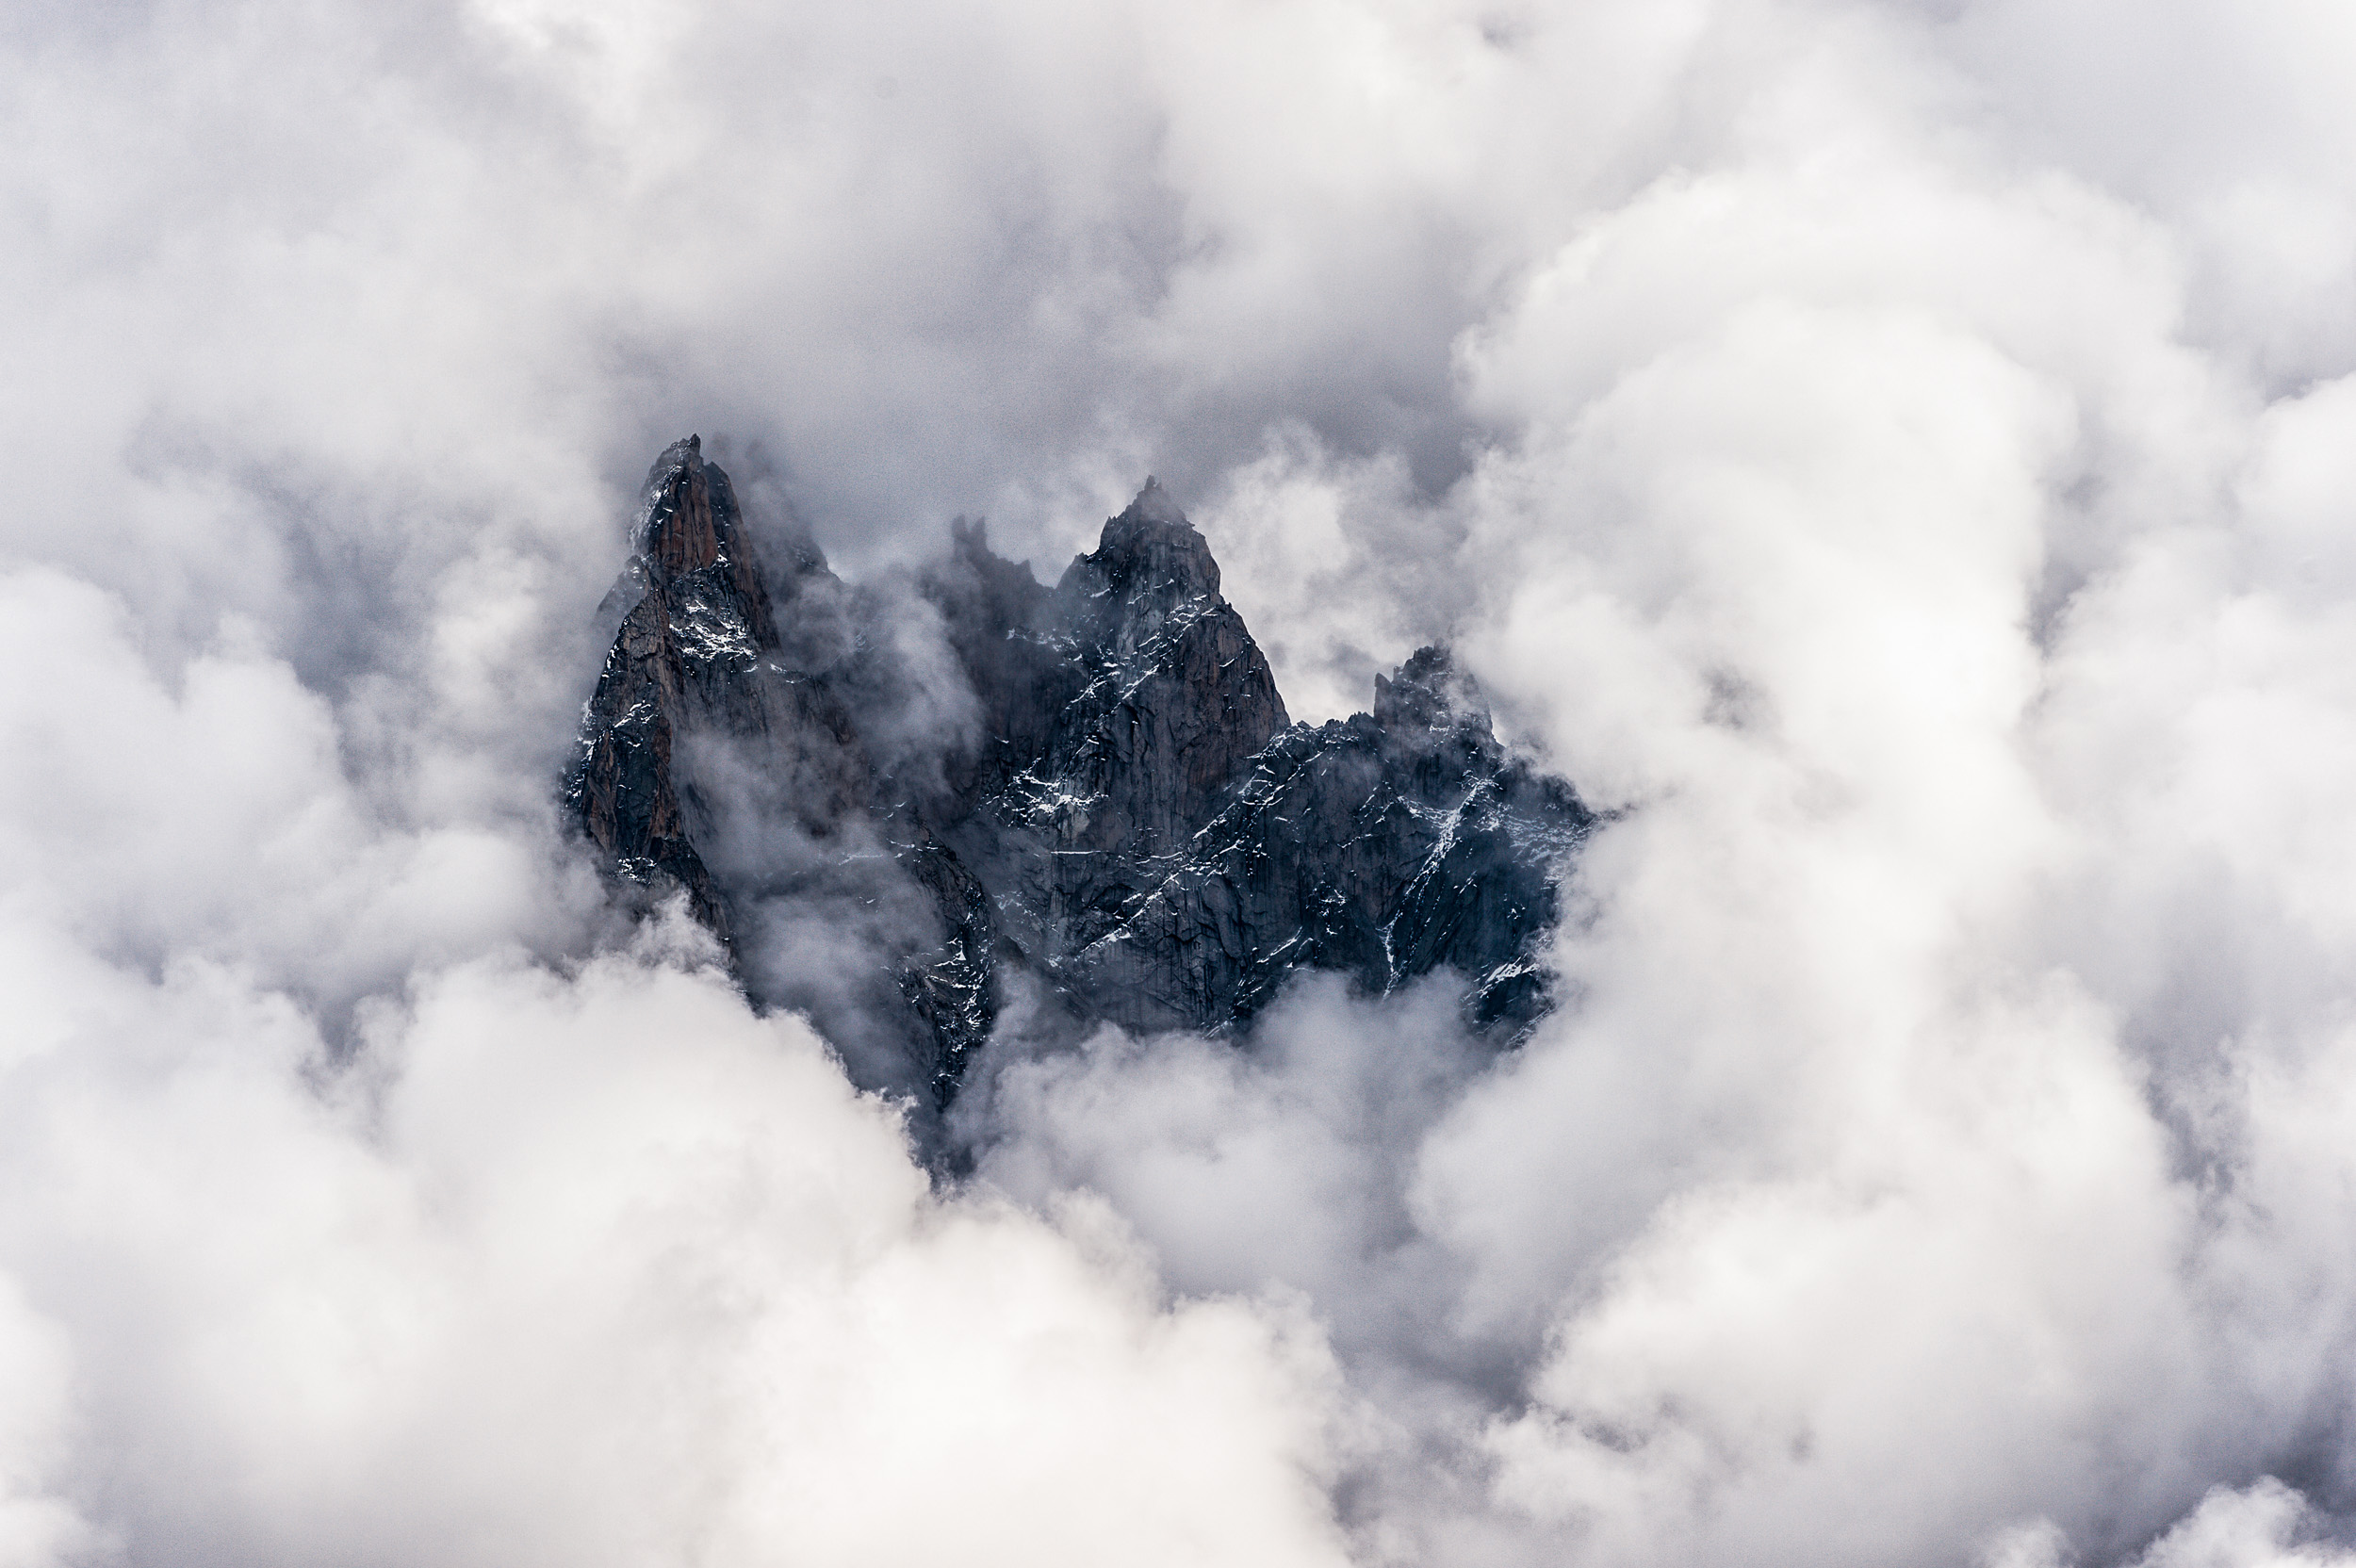 Afternoon clouds surround the Aiguille de Blaitière, Aiguille des Ciseaux, Aiguille du Fou in the Mont Blanc region of France.